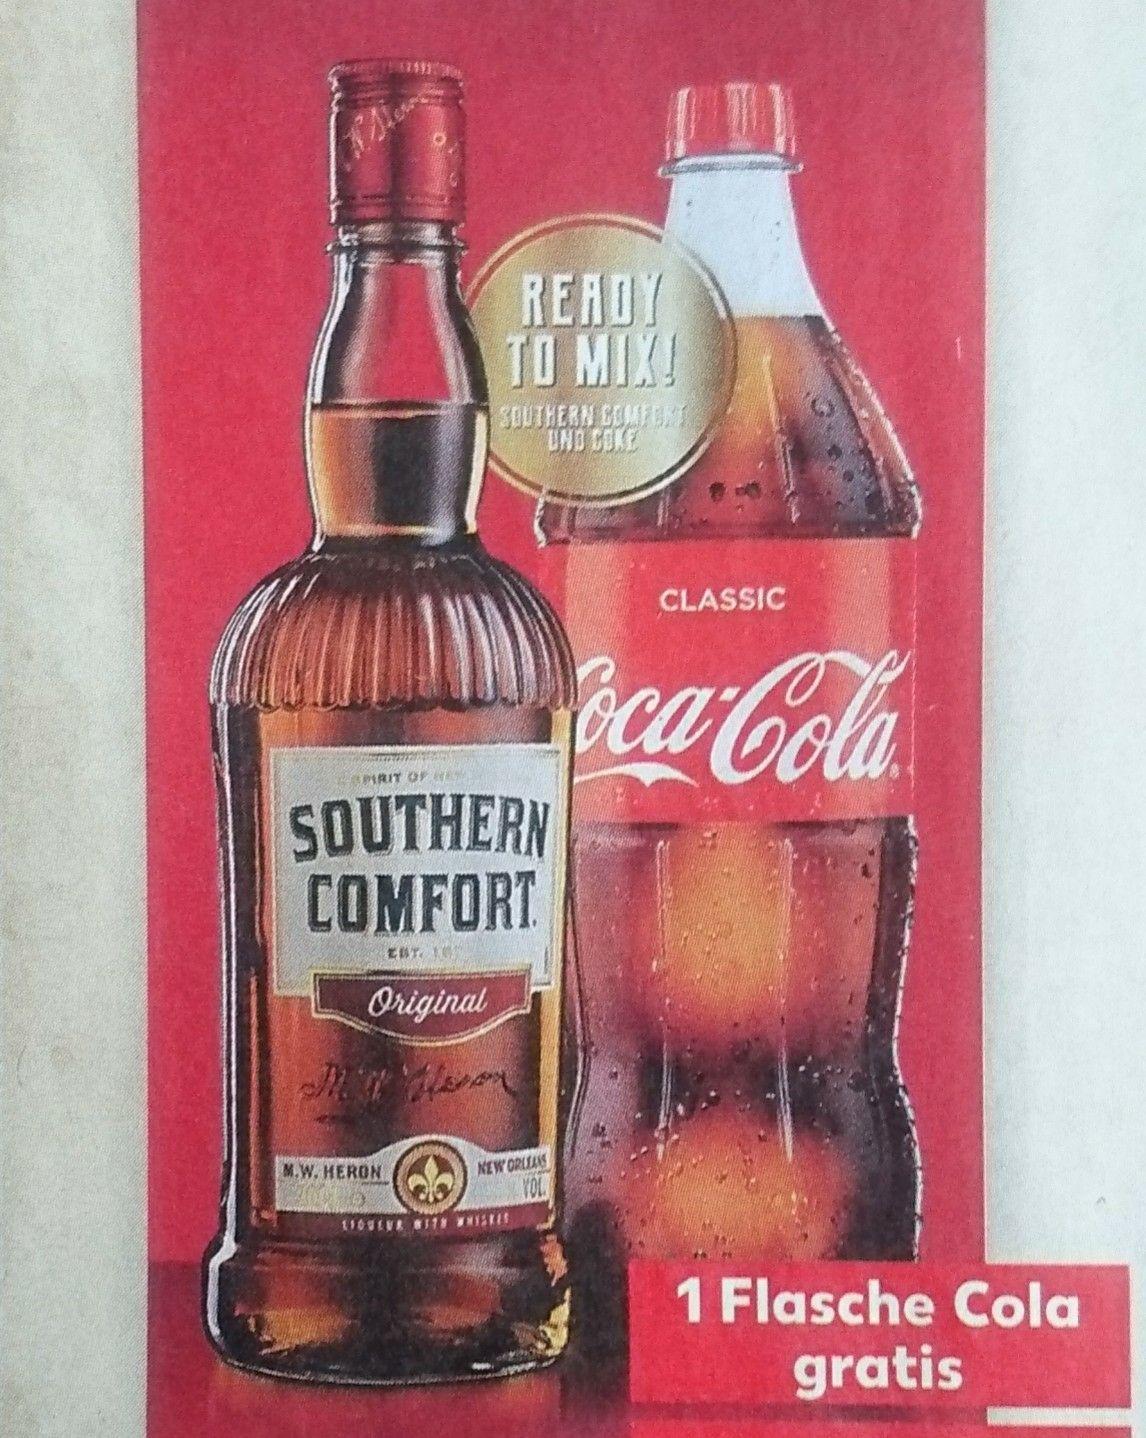 Southern Comfort 0,7l für 9,99€ im Kaufland - Flasche Cola gratis (evtl. lokal)